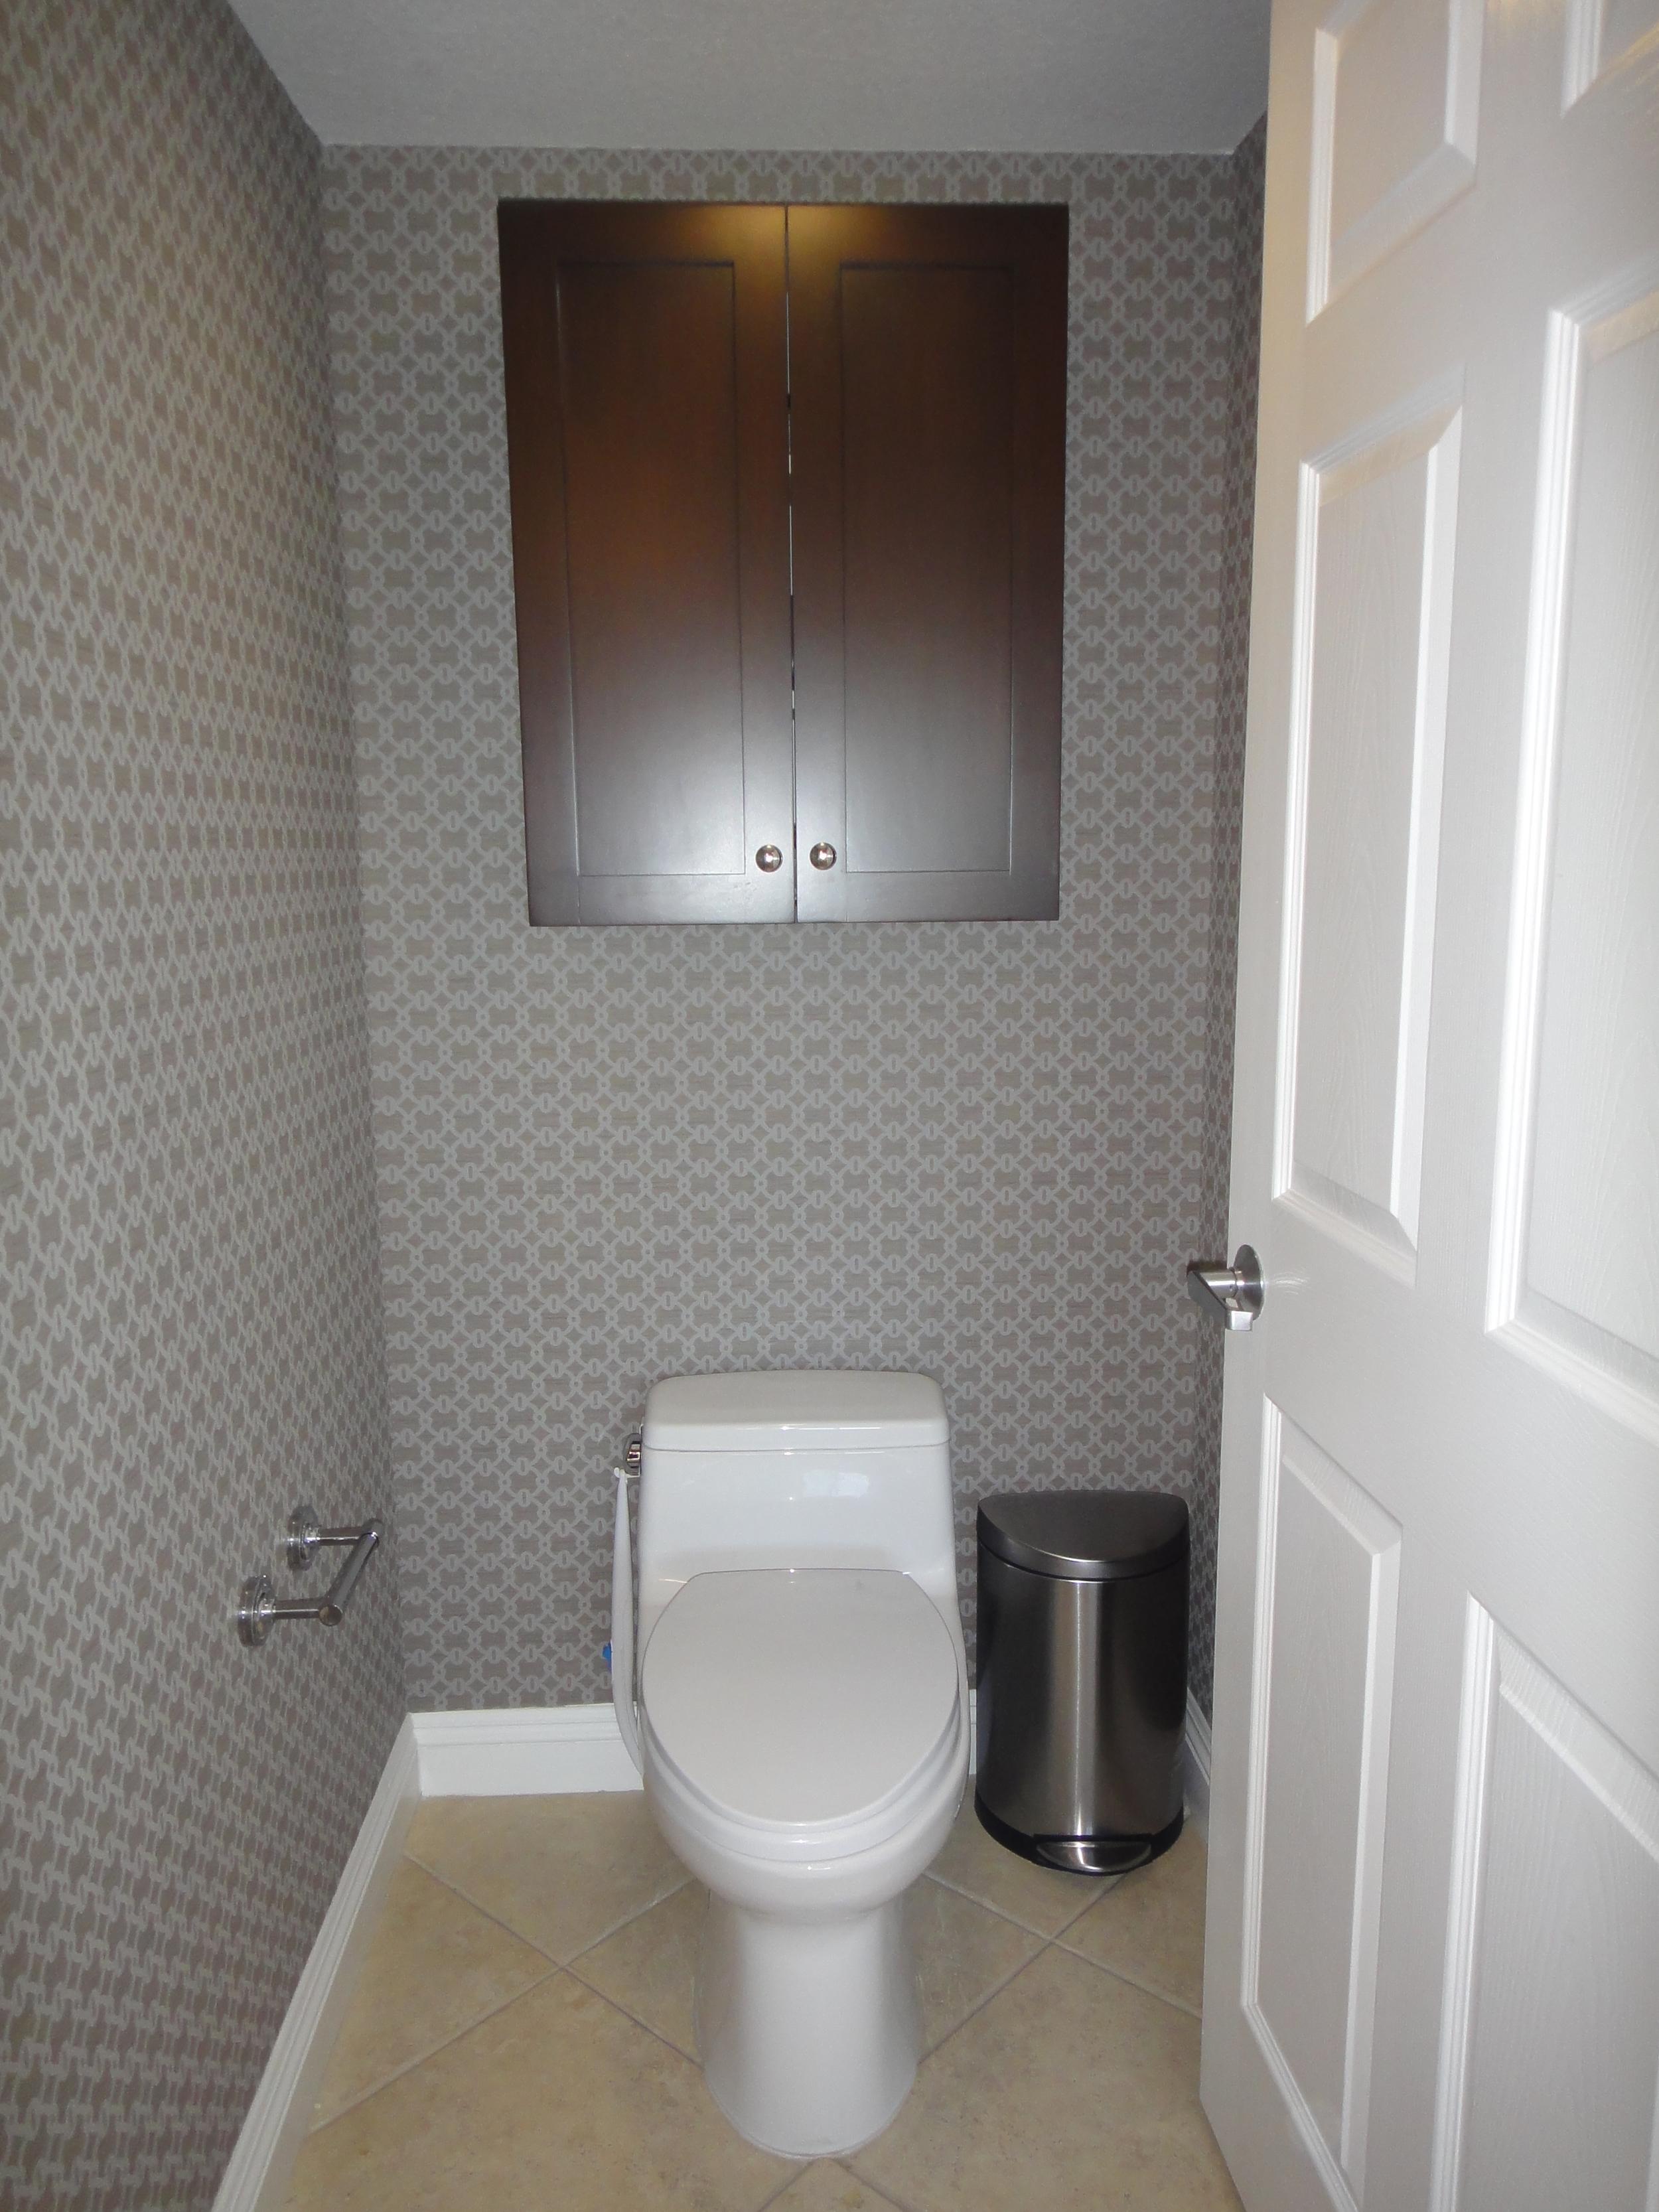 toilet stall - 2.JPG